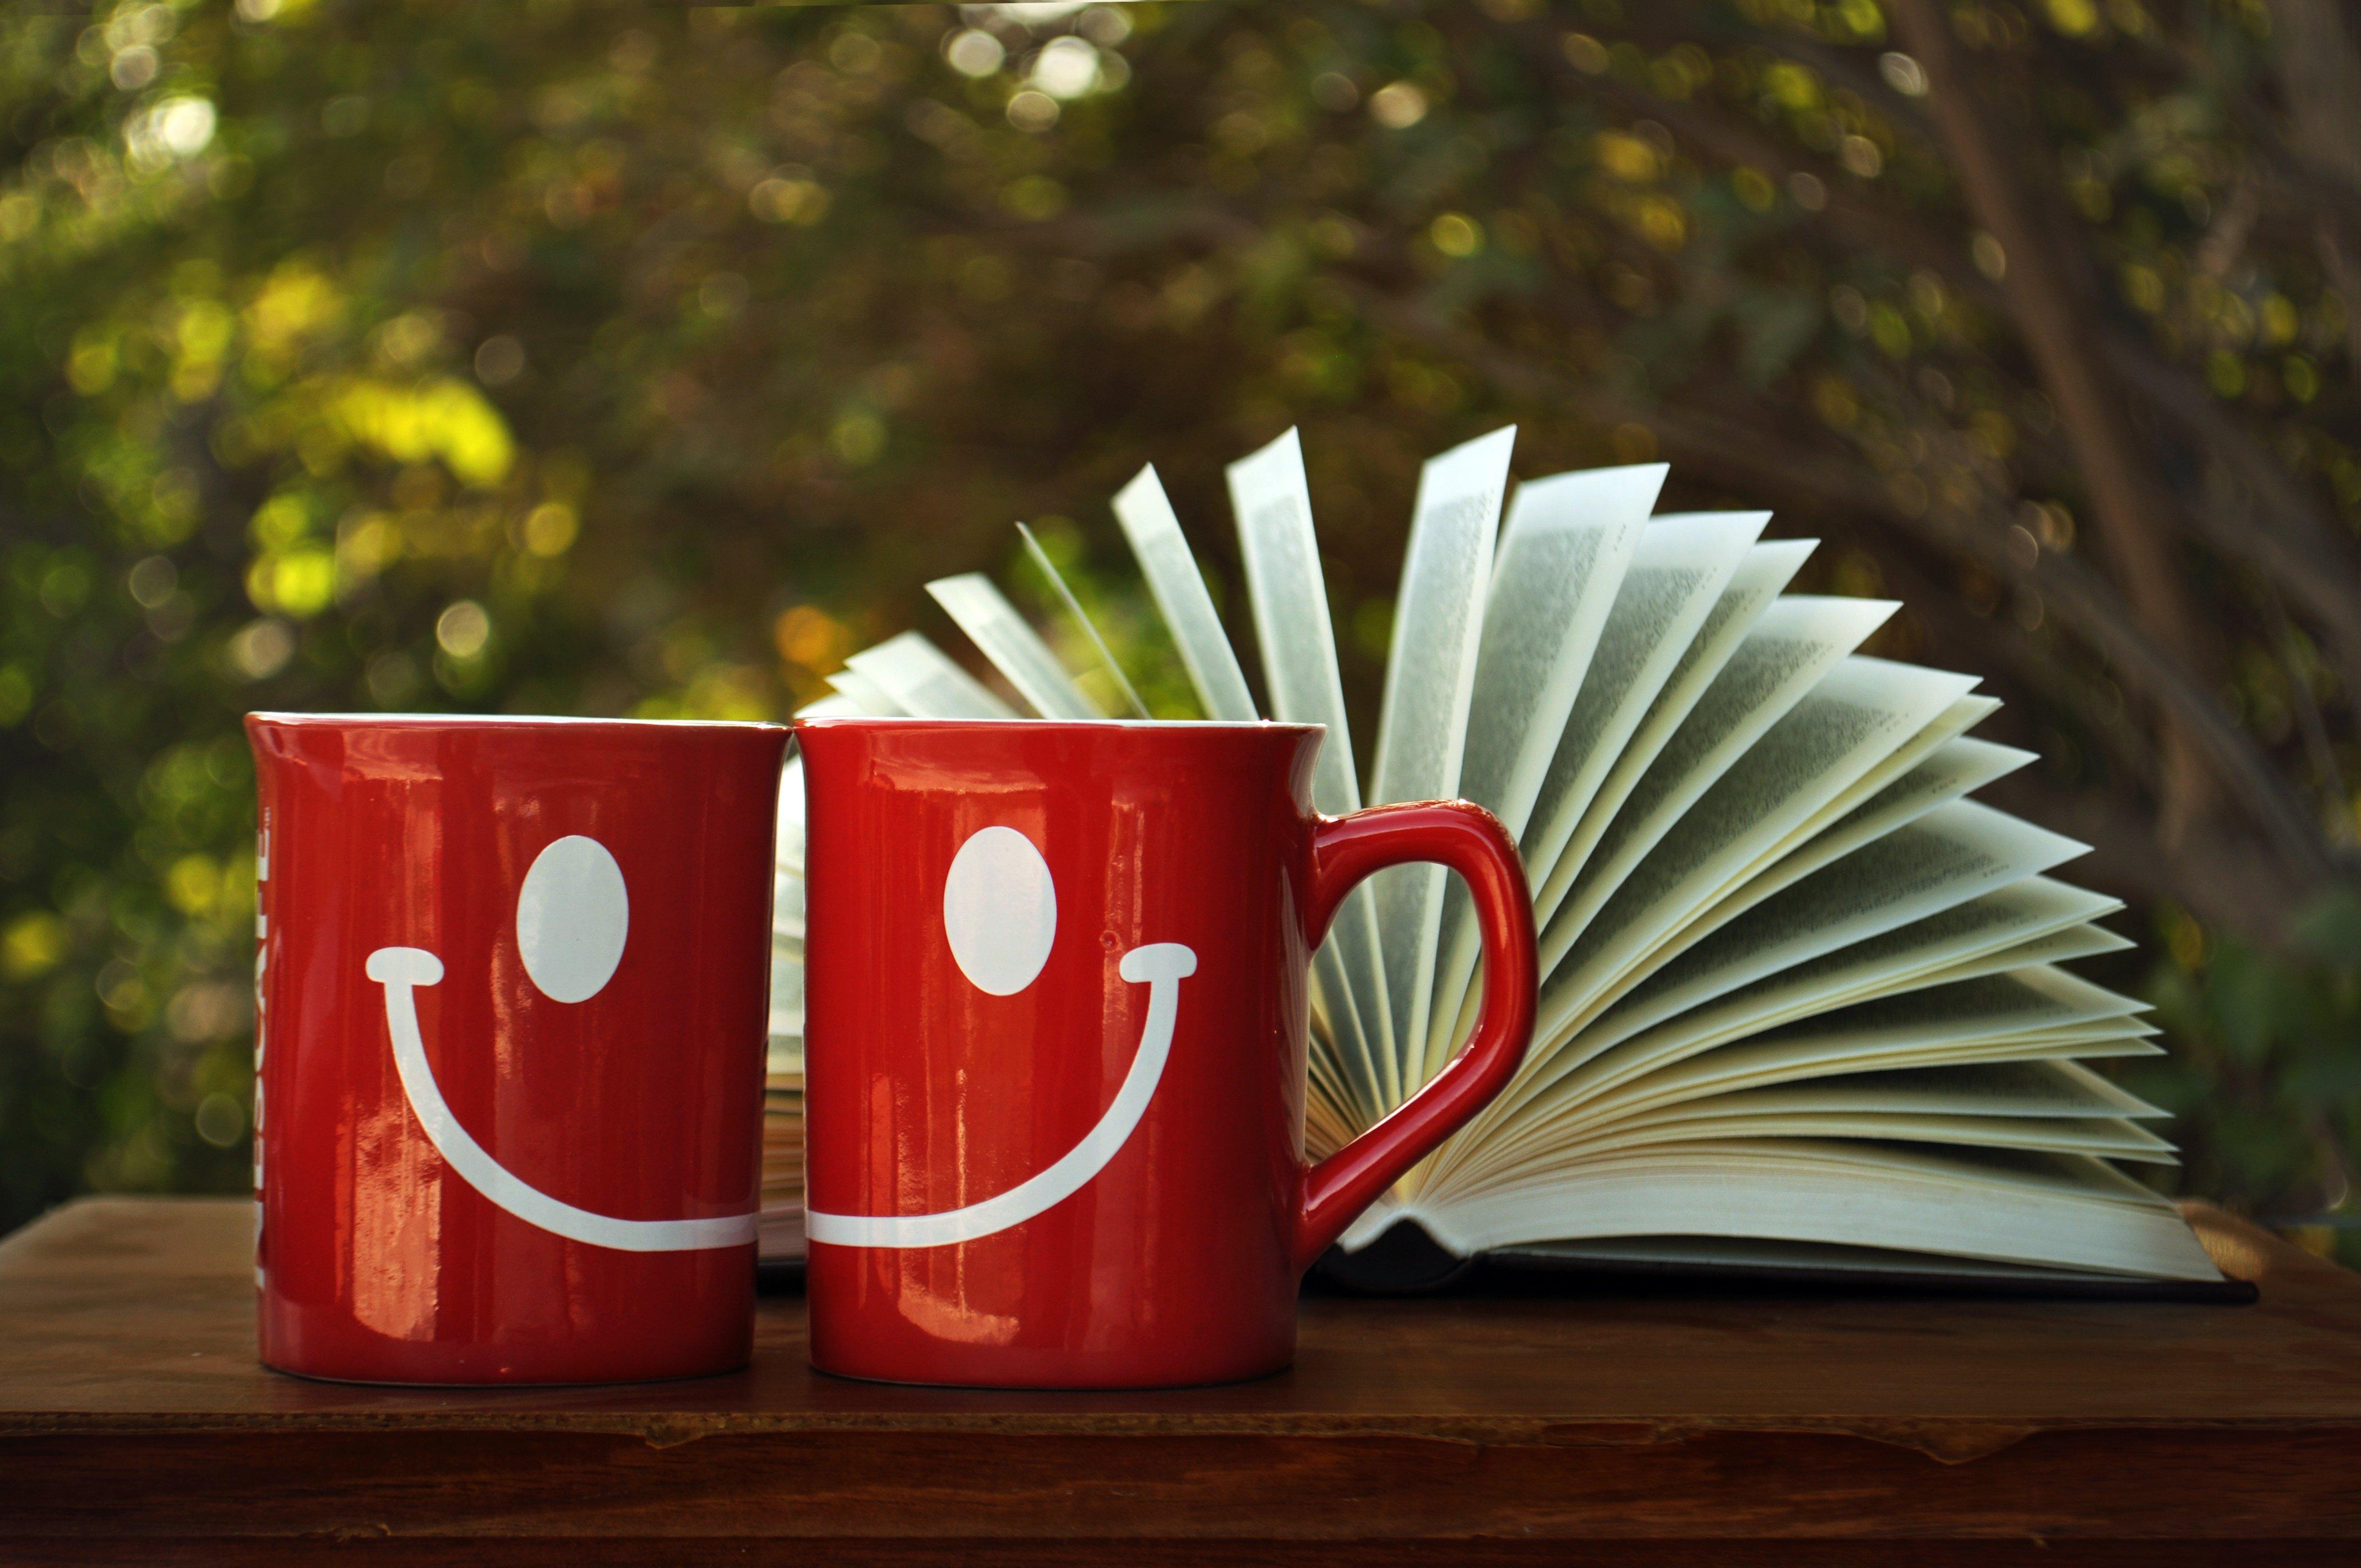 Картинка: Кружки, улыбка, настроение, красный, книга, листы